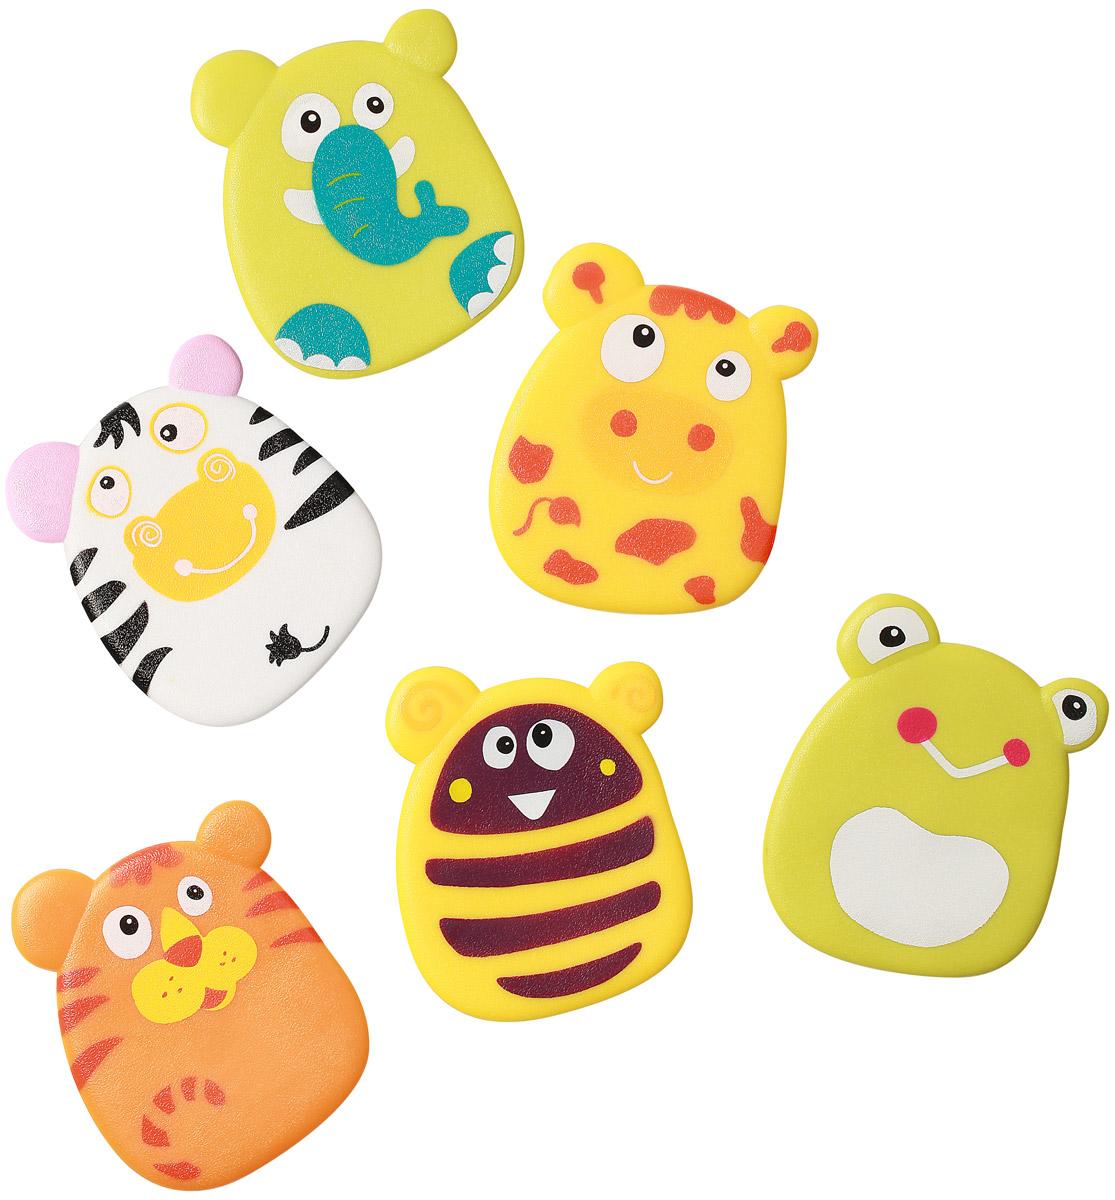 BabyOno Набор игрушек для ванной Funny цвет желтый оранжевый белый 6 шт533_желтый, оранжевый, белыйНабор игрушек для ванной BabyOno Funny создан специально для того, чтобы малыш смог весело играть в ванной во время купания, не боясь при этом поскользнуться на мокром дне или полу. Дизайн представлен в виде забавных животных. Игрушки стимулируют развитие воображения и мелкой моторики ребенка. Игрушки могут выполнять функции мини-противоскользящих ковриков. С помощью специальных присосок игрушки крепятся к любой поверхности: ванне, плитке, душевой кабине, благодаря чему ребенок может их перемещать в любое место. В наборе 6 игрушек. Товар сертифицирован.